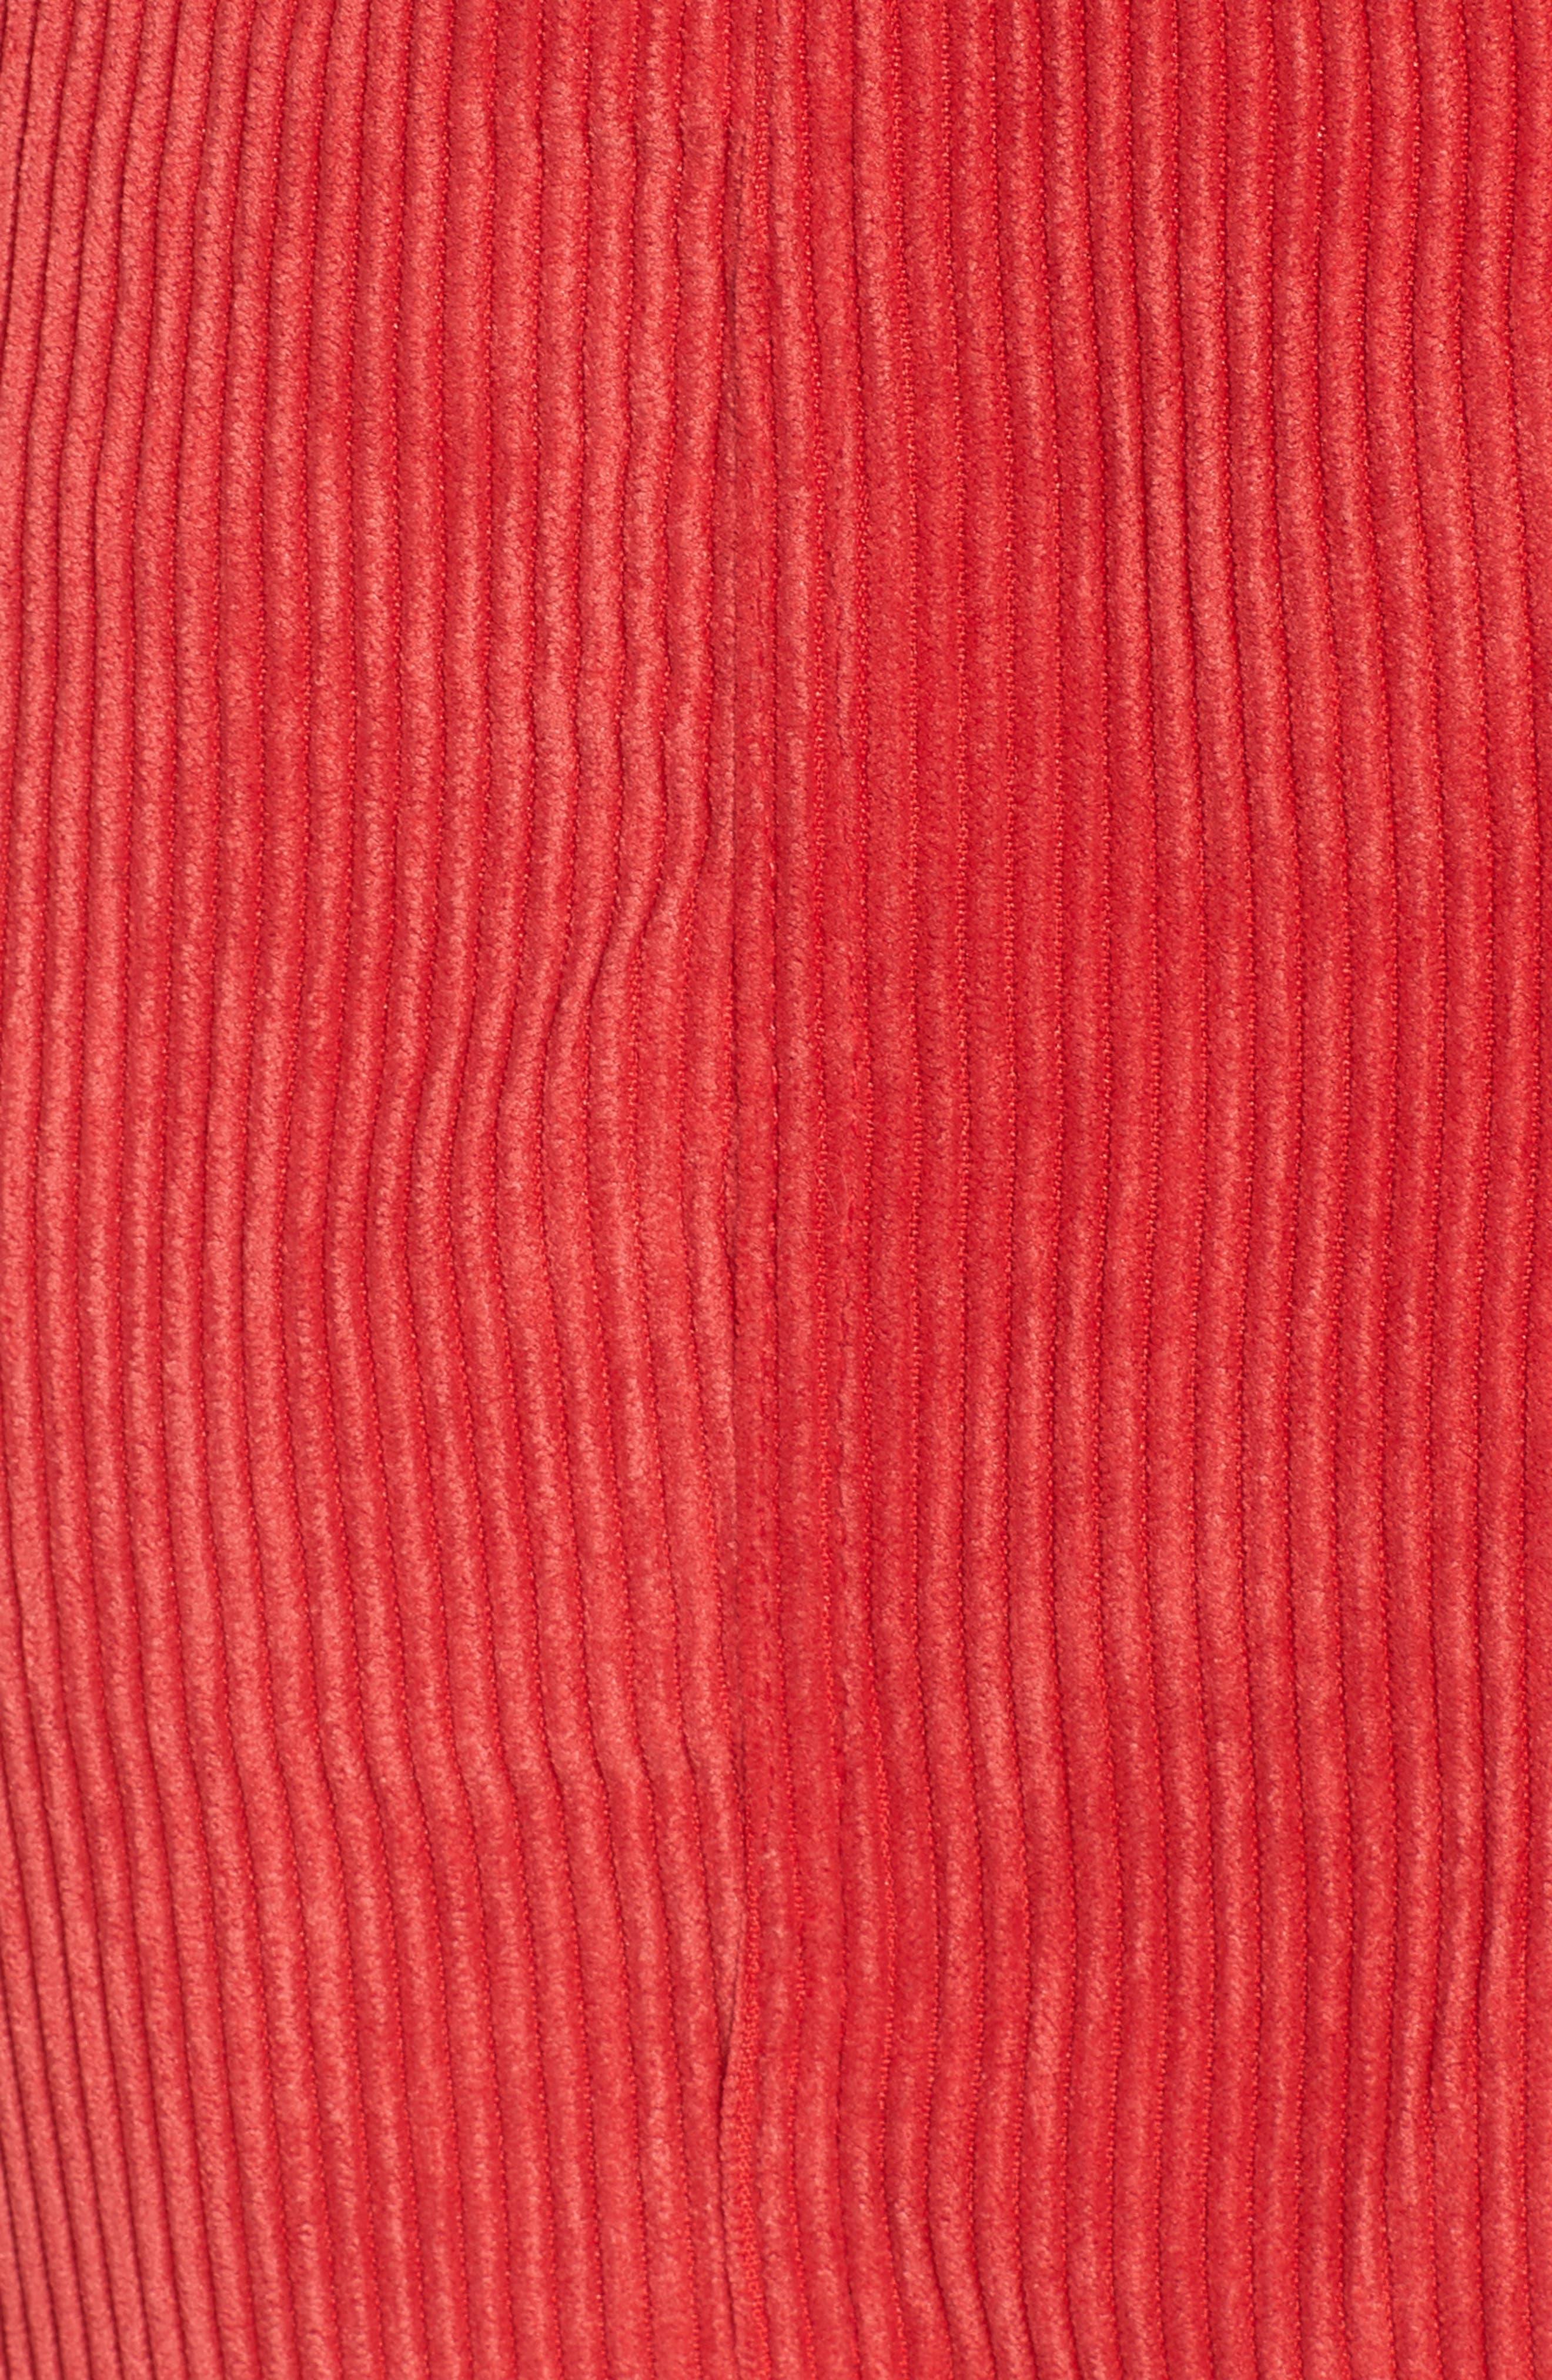 Button Front Corduroy Dress,                             Alternate thumbnail 5, color,                             621